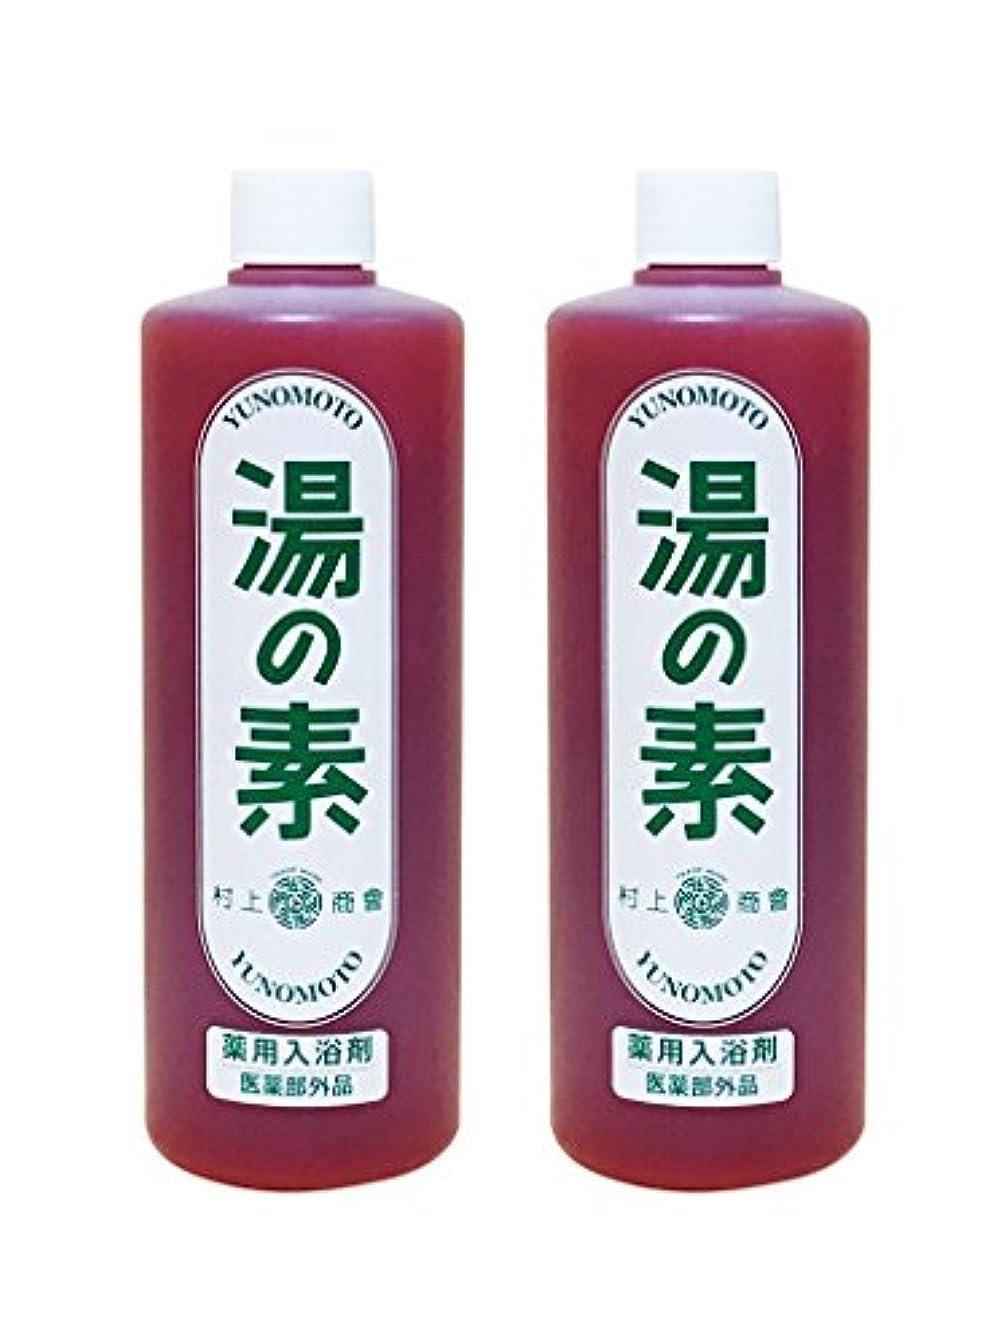 妻オペラたくさんの硫黄乳白色湯 湯の素 薬用入浴剤 (医薬部外品) 490g 2本セット